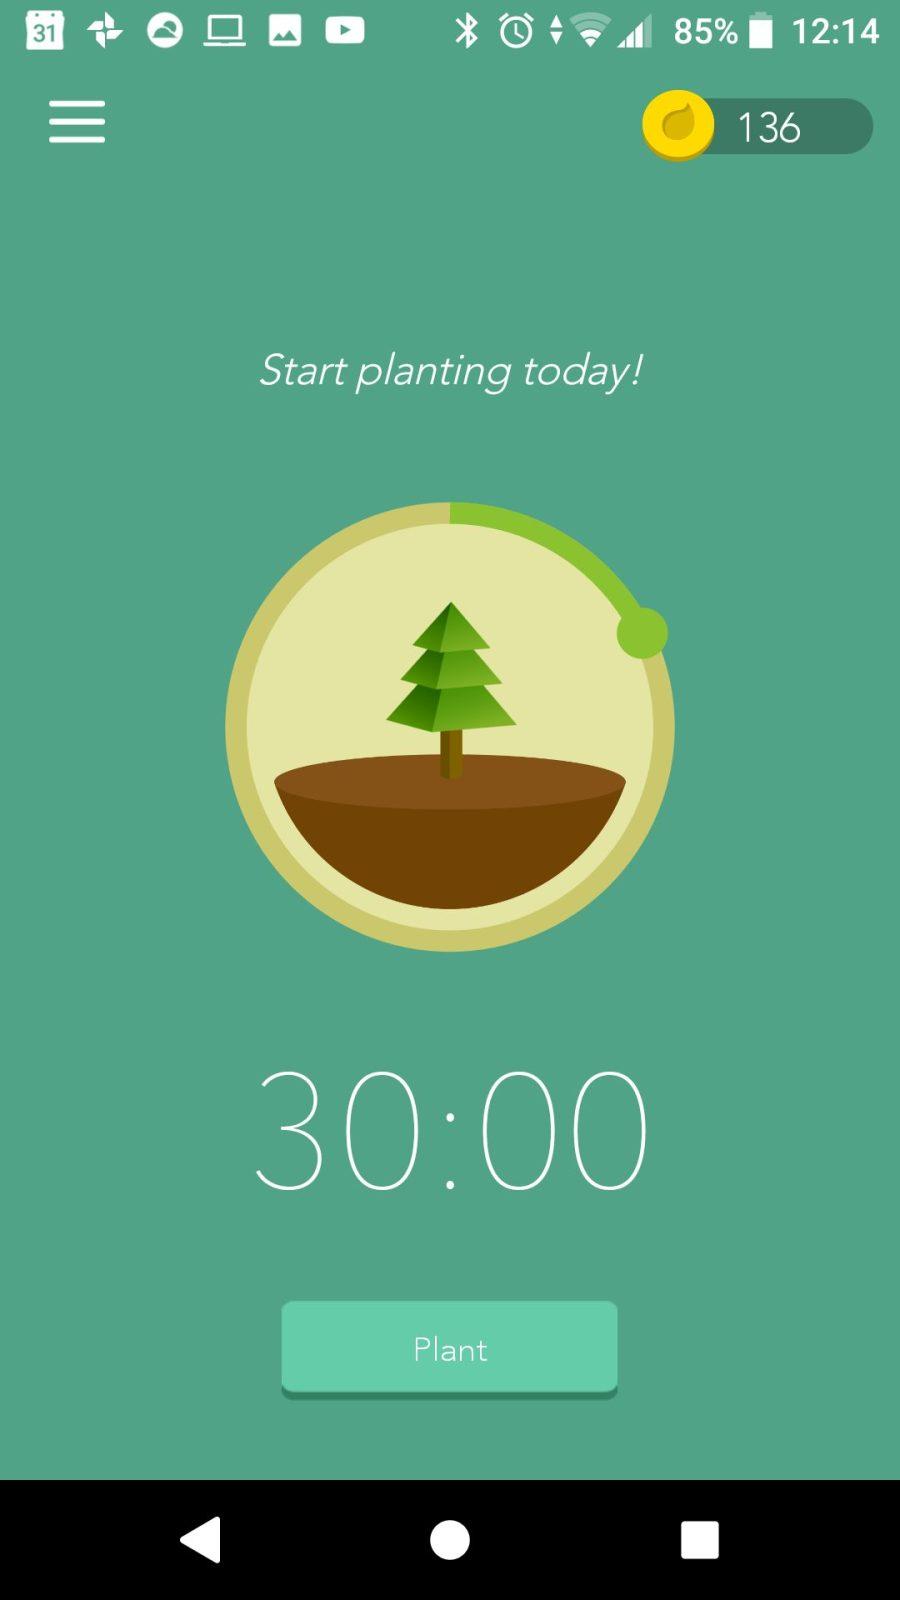 Beginscherm in de app